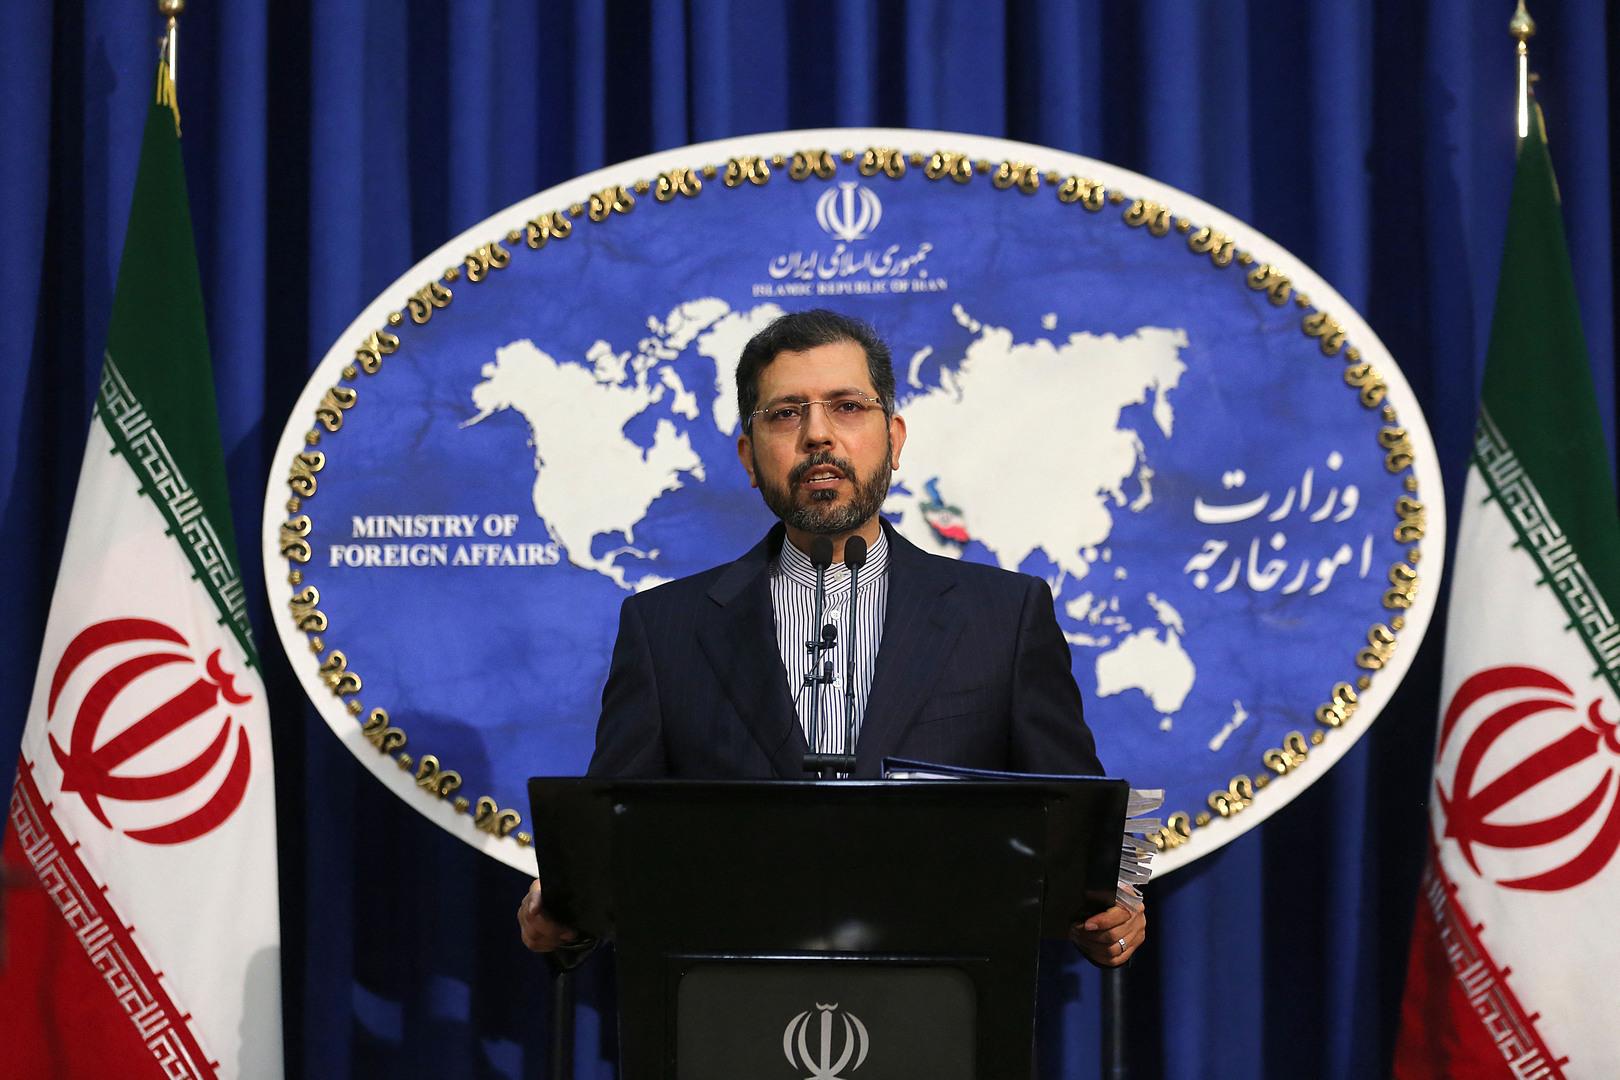 المتحدث باسم وزارة الخارجية الايرانية سعيد خطيب زاده